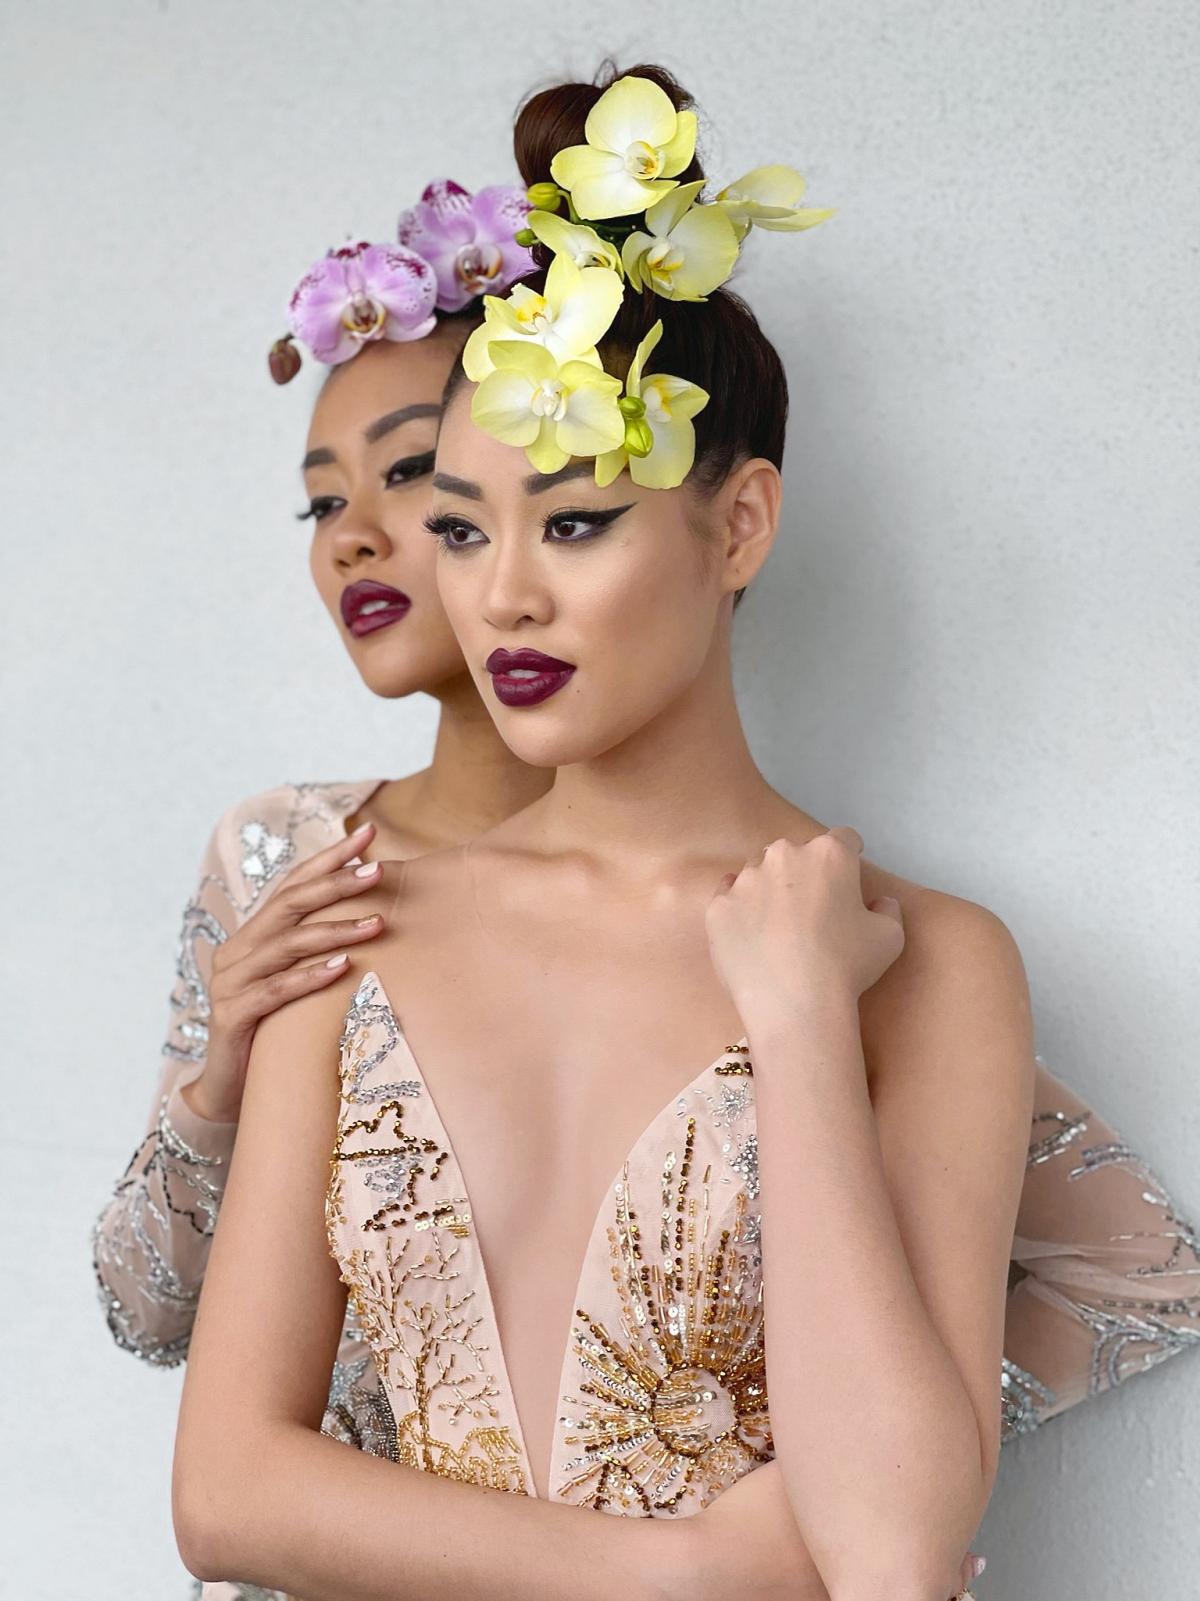 """Bên cạnh việc thăm thú cảnh đẹp tại New York, Hoa hậu Khánh Vân còn hợp tác cùng Fadil Berisha – nhiếp ảnh gia quen thuộc cộng tác nhiều năm cùng tổ chức Miss Universe, thực hiện một bộ ảnh ý nghĩa chủ đề """"Tôn vinh vẻ đẹp Á châu""""."""